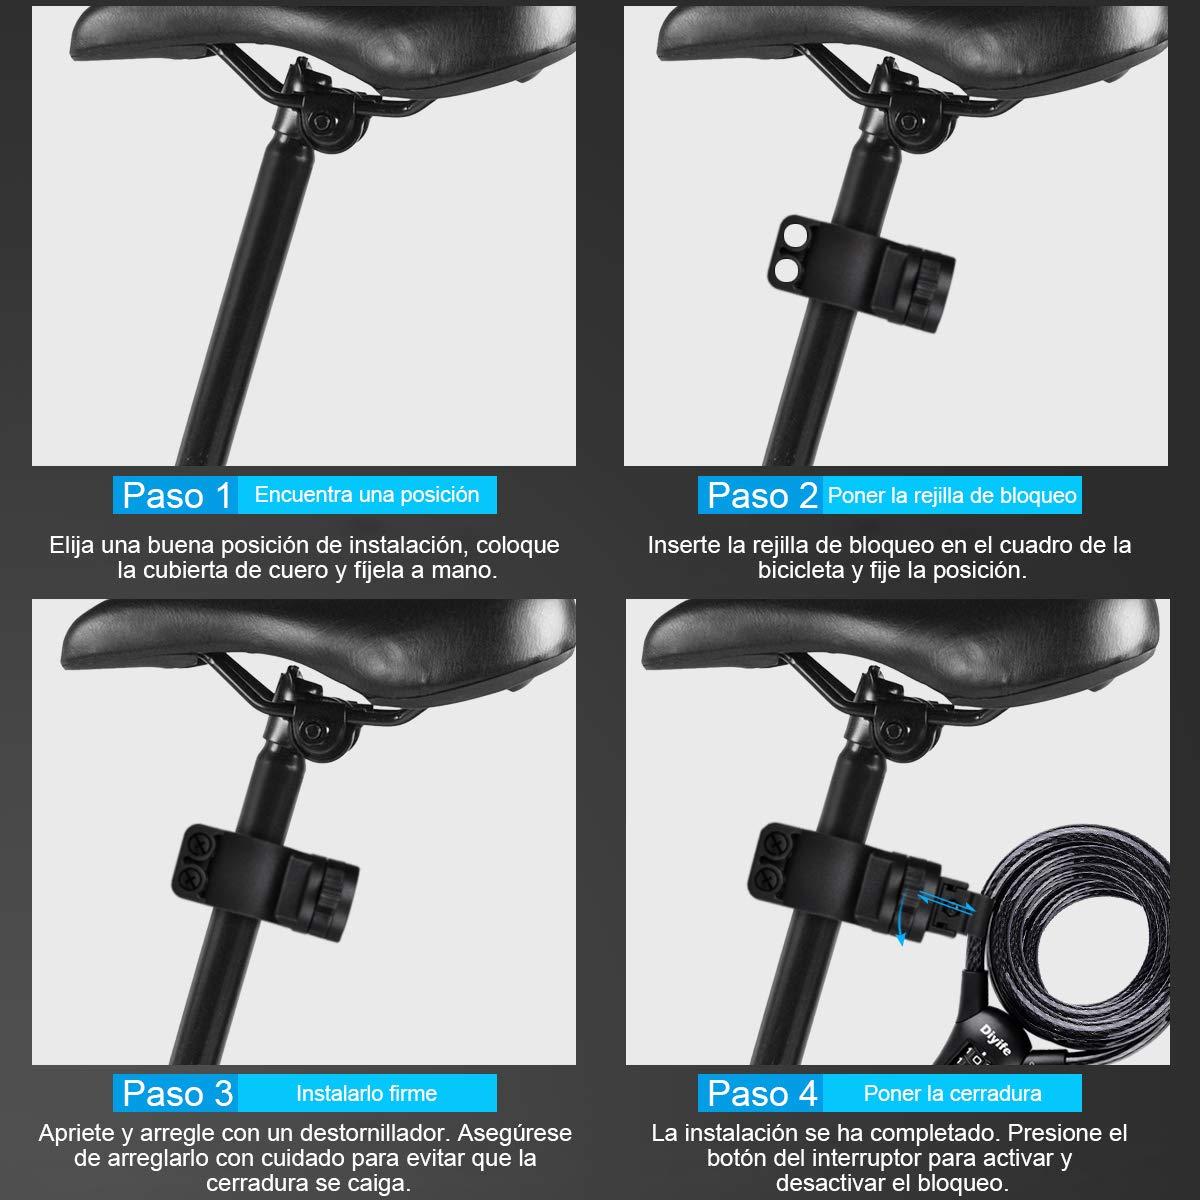 Bloqueo De Cable De Combinaci/óN De 4 D/íGitos Que Se Puede Reiniciar Mejor Para Bicicletas Reforzar La Versi/óN 1.5m x10mm Diyife Cerradura De Cadena De Servicio Pesado Candado De Bicicleta